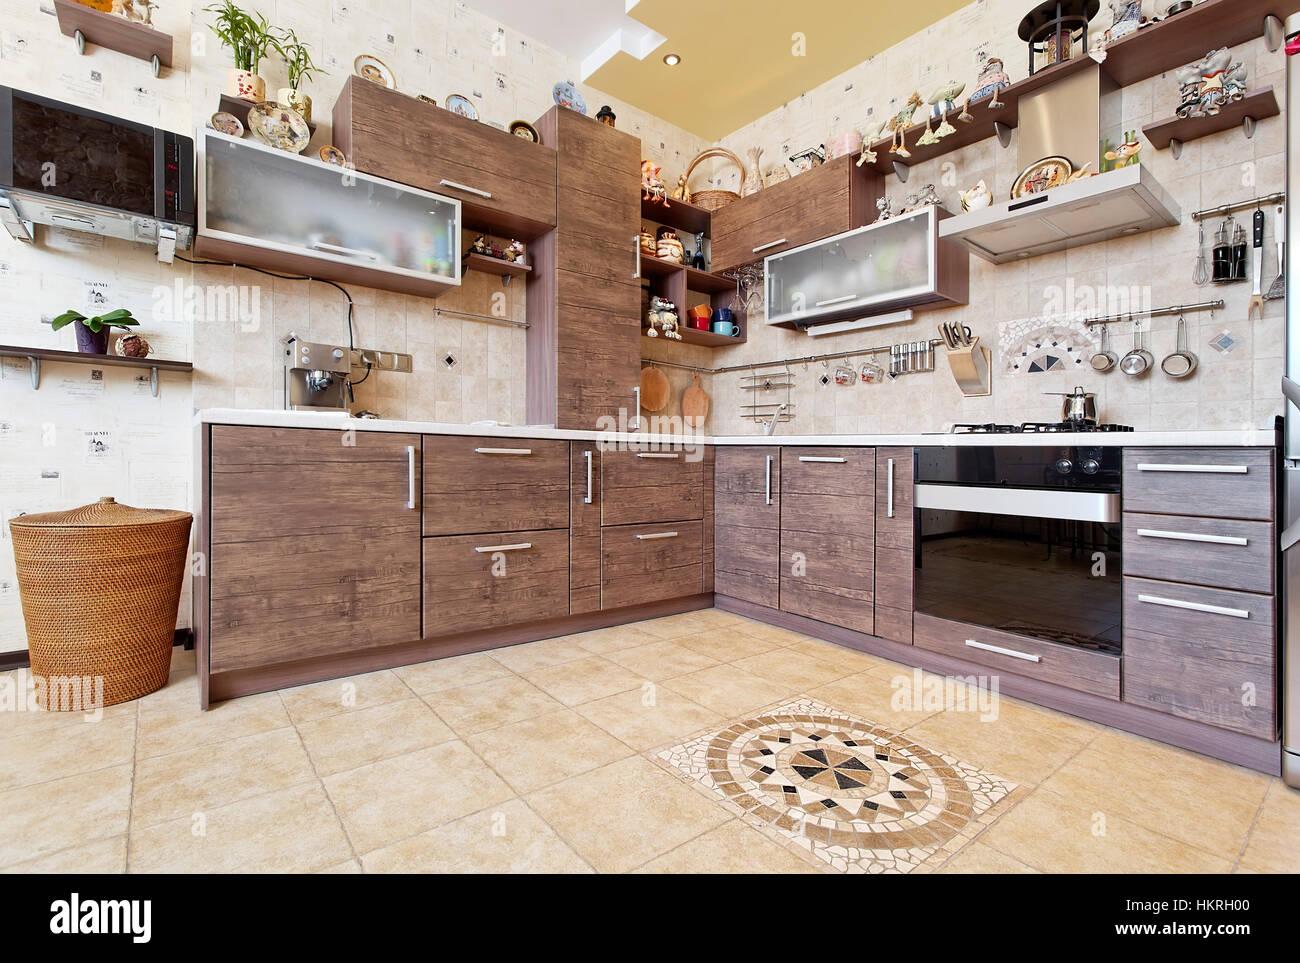 Fantastisch Landküche Holzmöbel Ideen - Ideen Für Die Küche ...